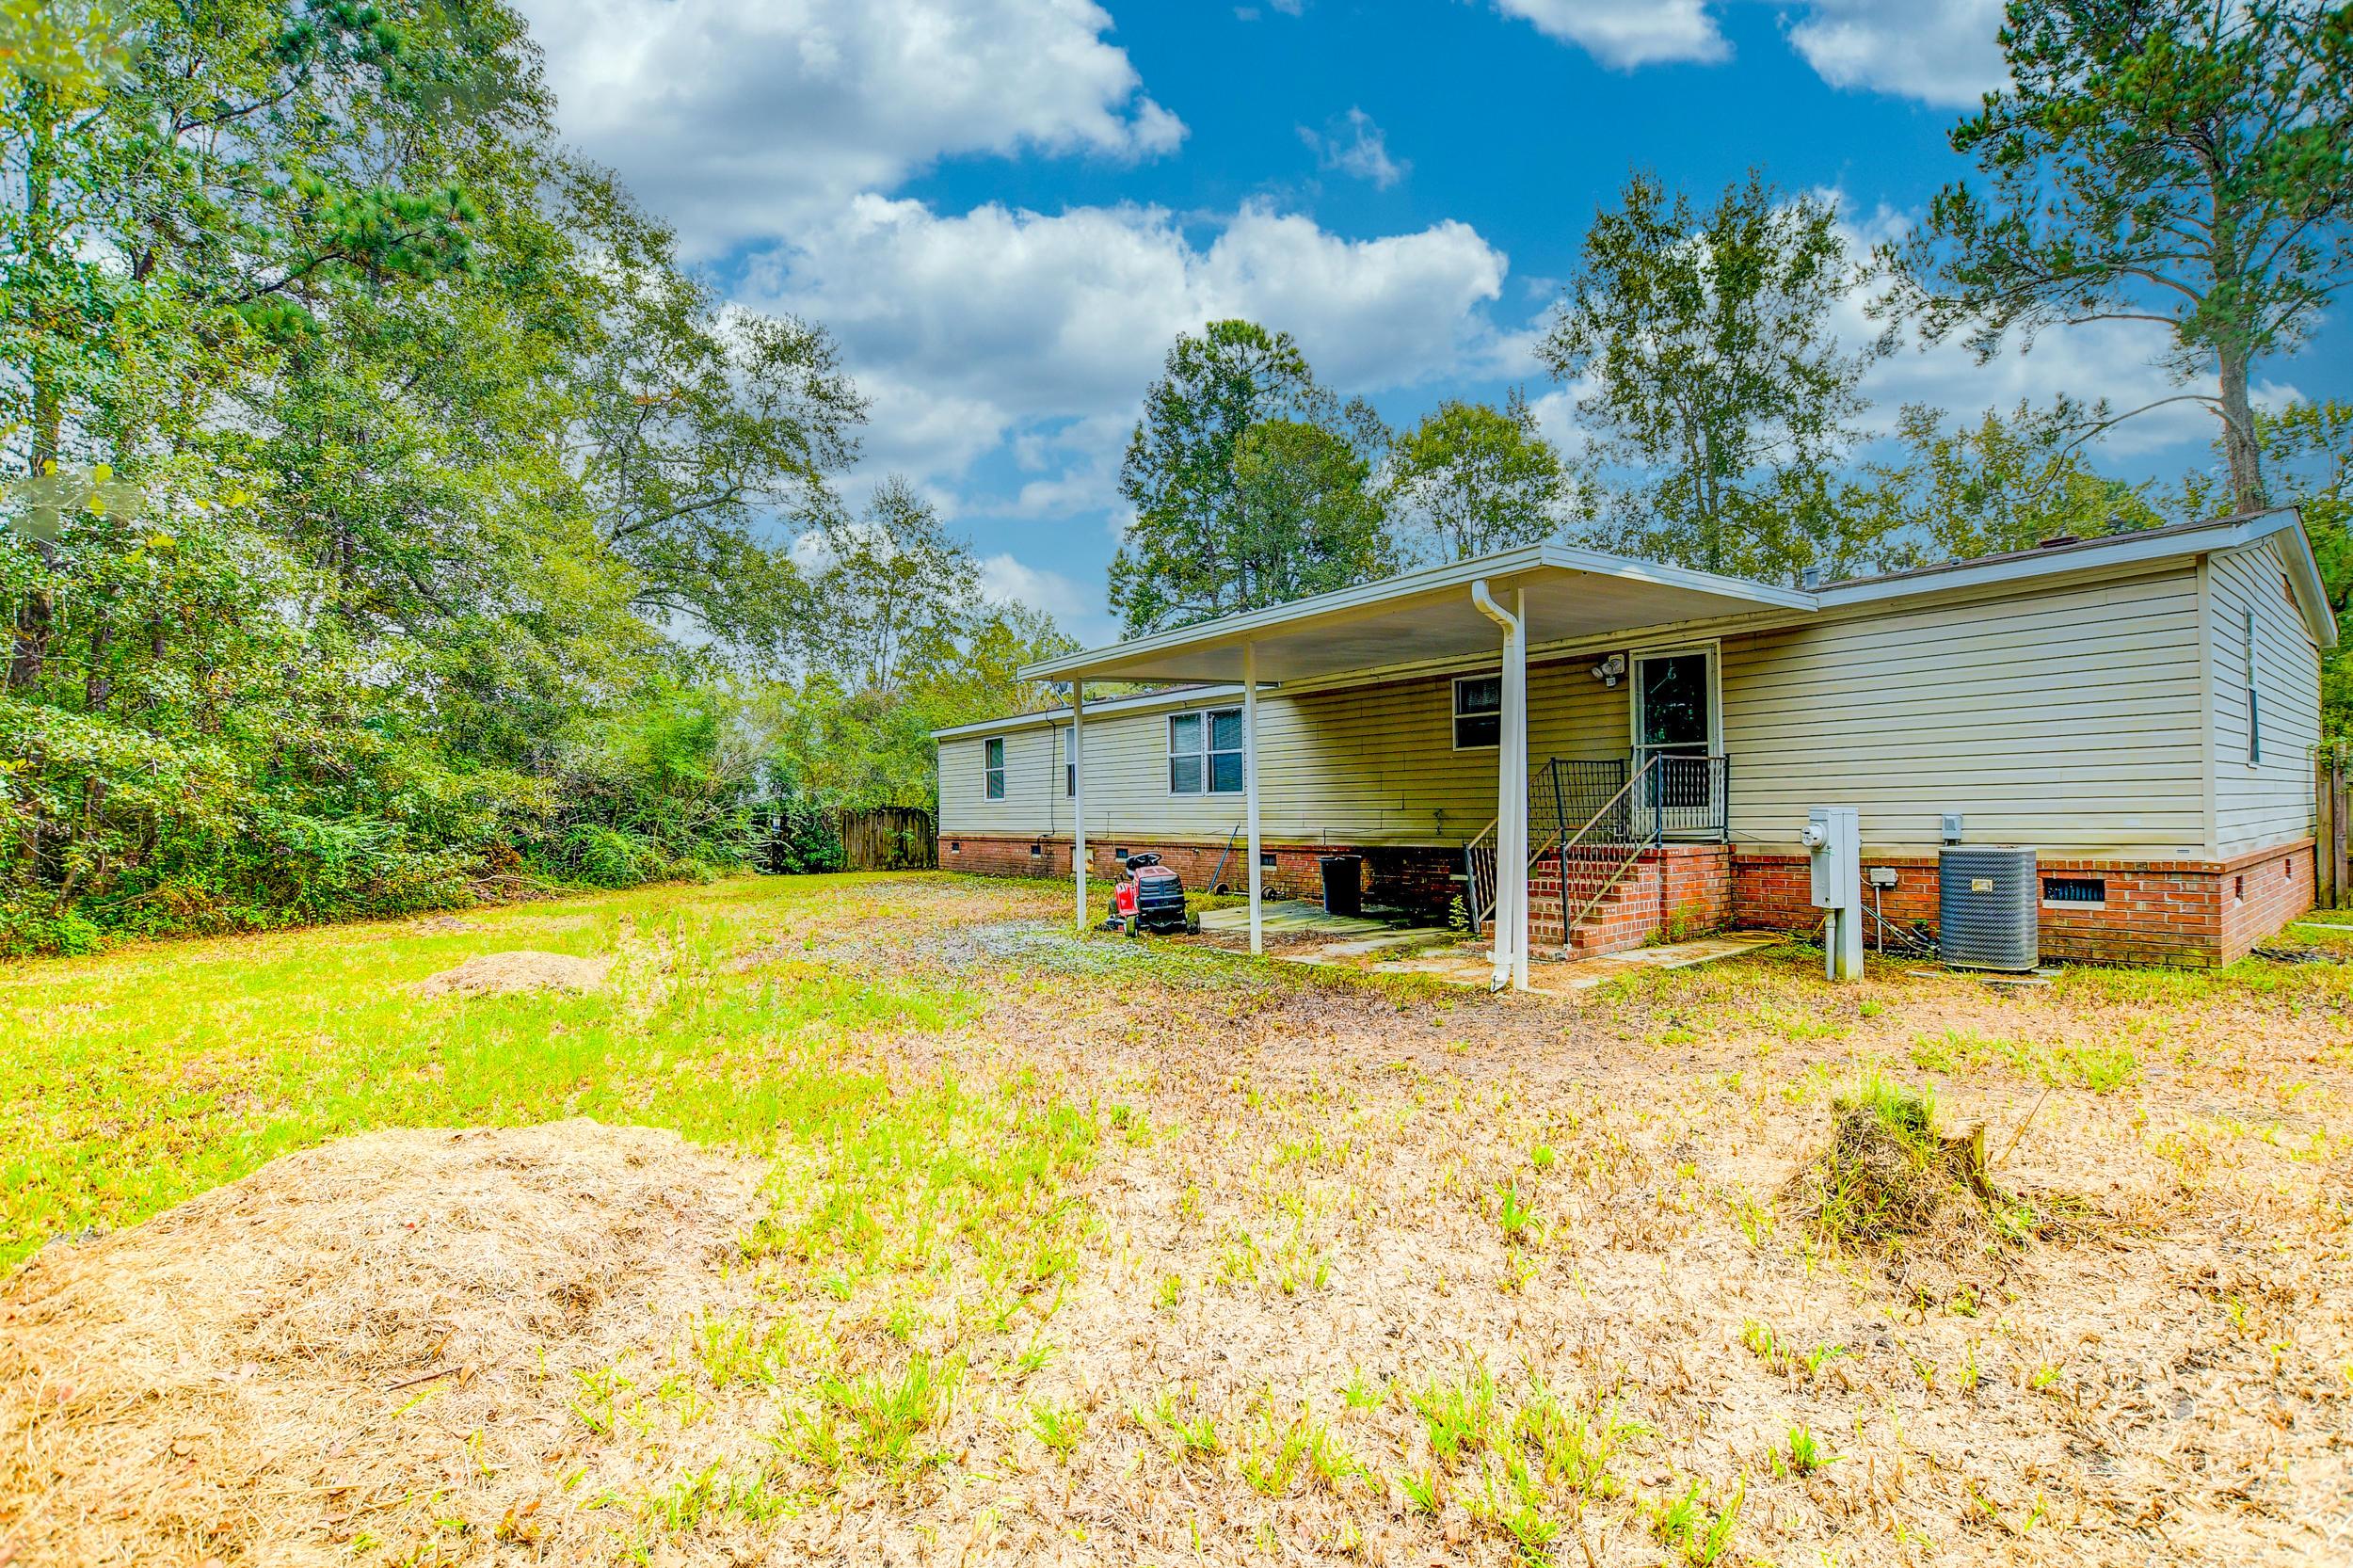 Clemson Terrace Homes For Sale - 123 Colkitt, Summerville, SC - 13